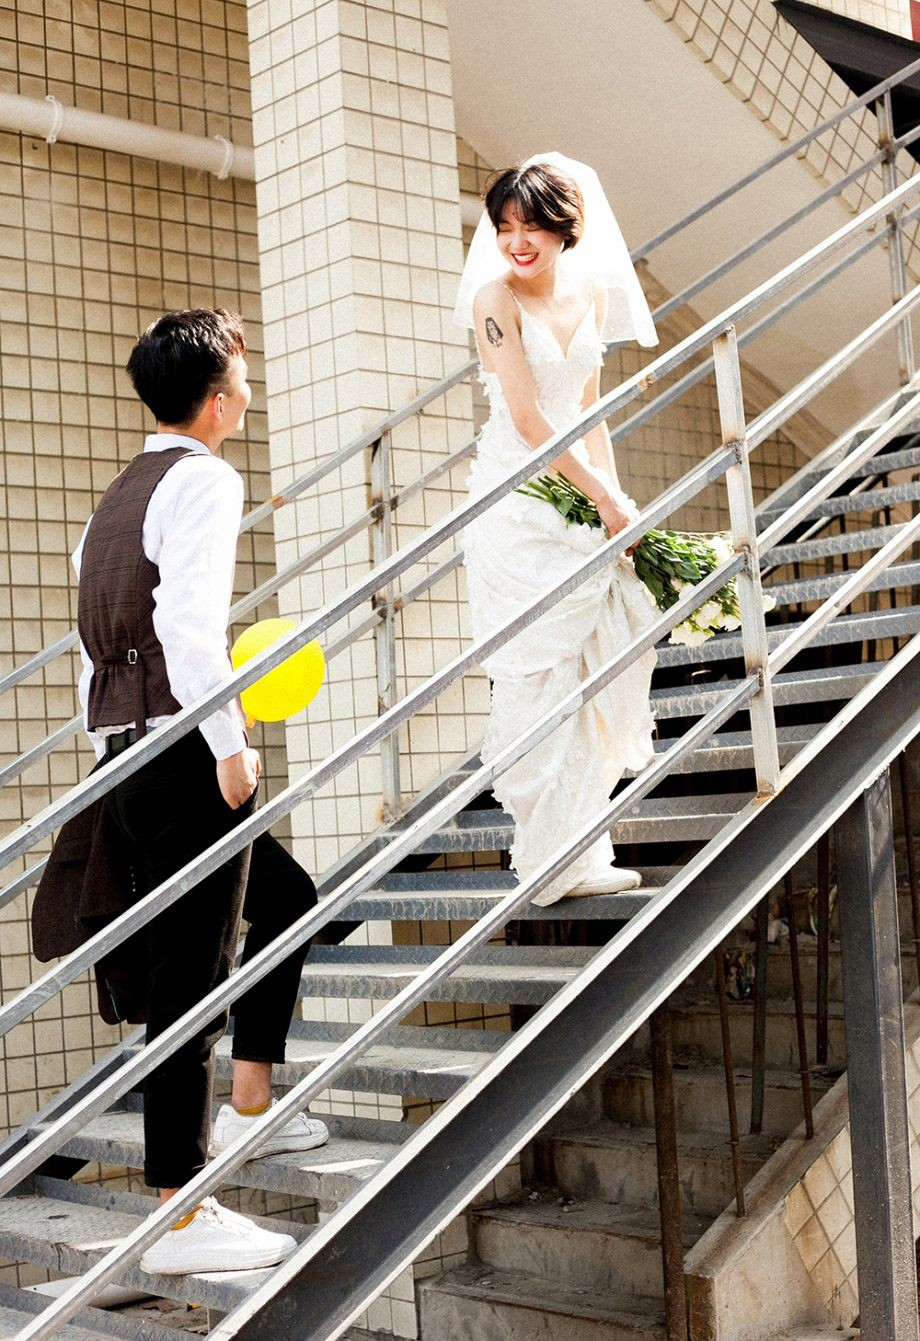 Bộ ảnh cưới mùa hè của cô dâu tóc ngắn đi giày thể thao giúp bạn định nghĩa lại về cái đẹp - Ảnh 3.